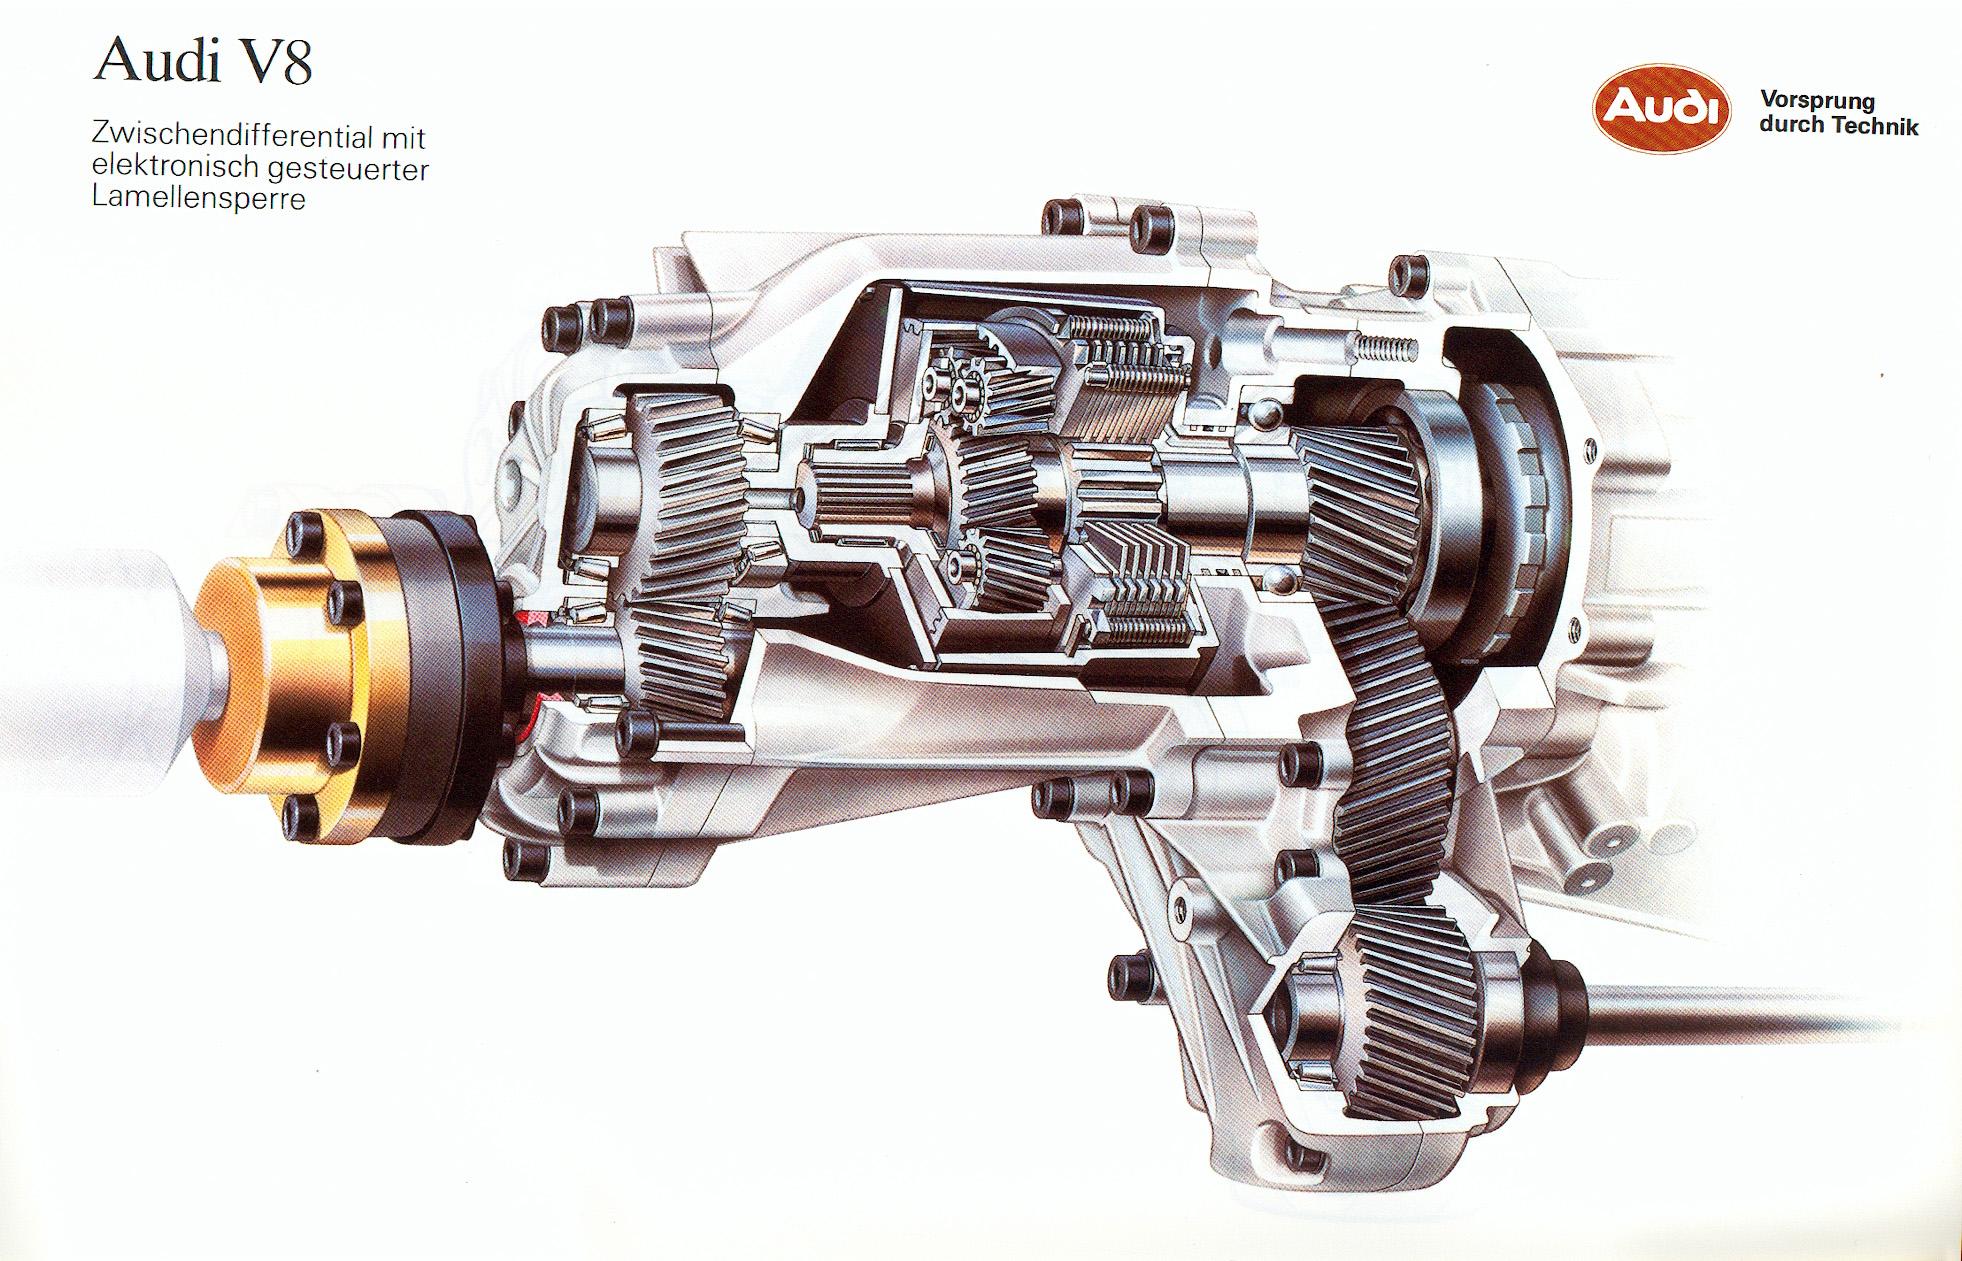 Tipos de tecnologías de transmisión integral 4x4 (II)